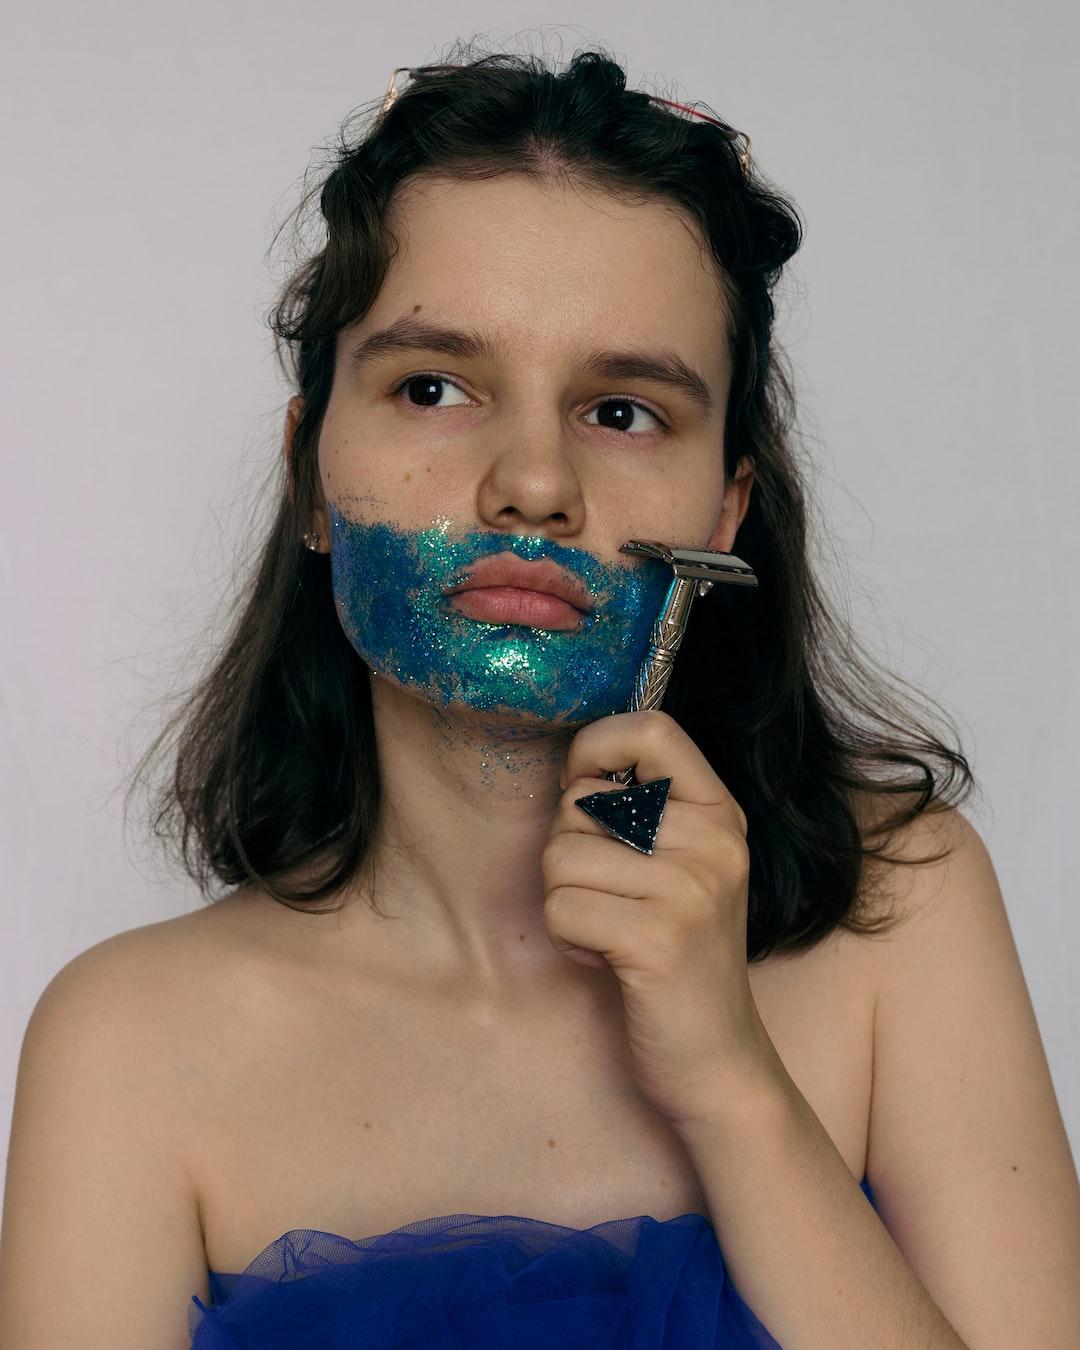 Girl shaving face